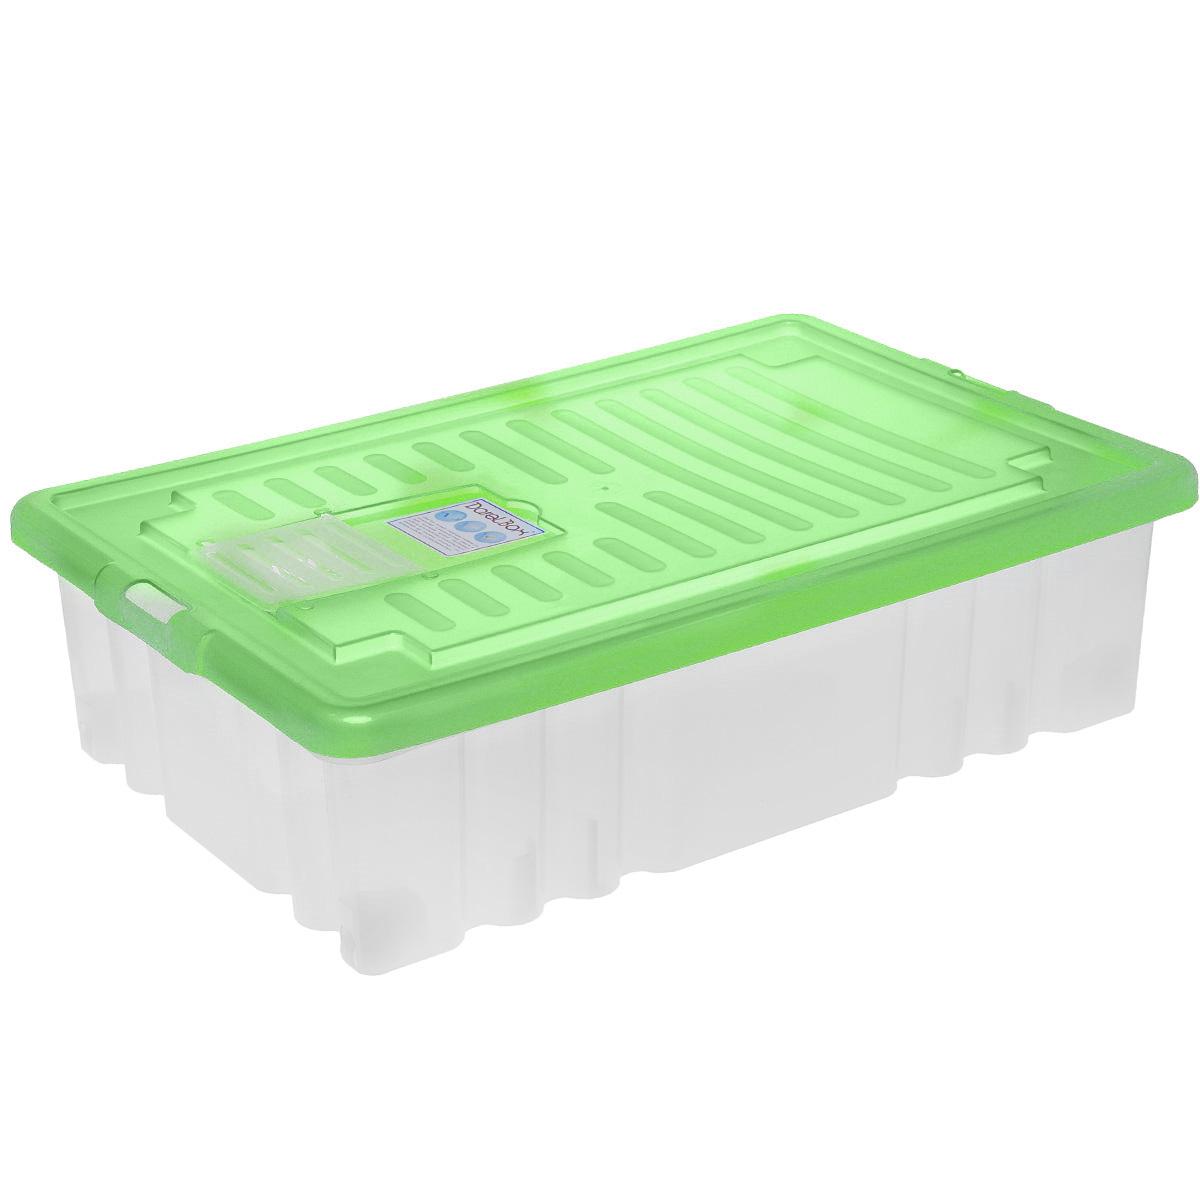 """Ящик """"Darel Box"""", с крышкой, цвет: прозрачный, салатовый, 36 л, Darel Plastic"""